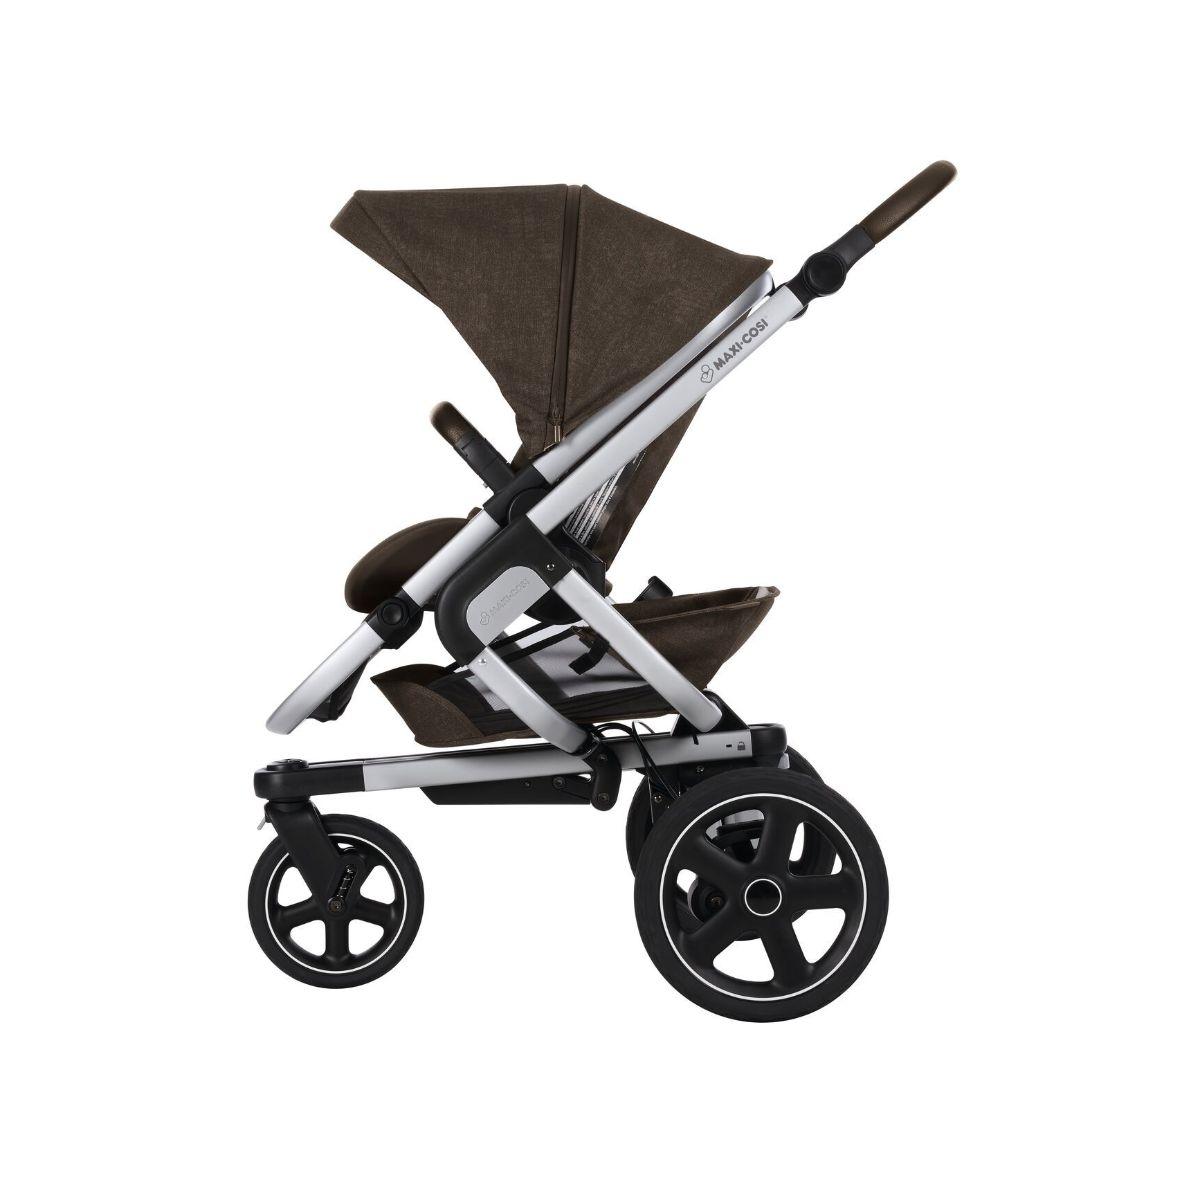 Carucior Sport Maxi-Cosi Nova 3 Nomad, Brown